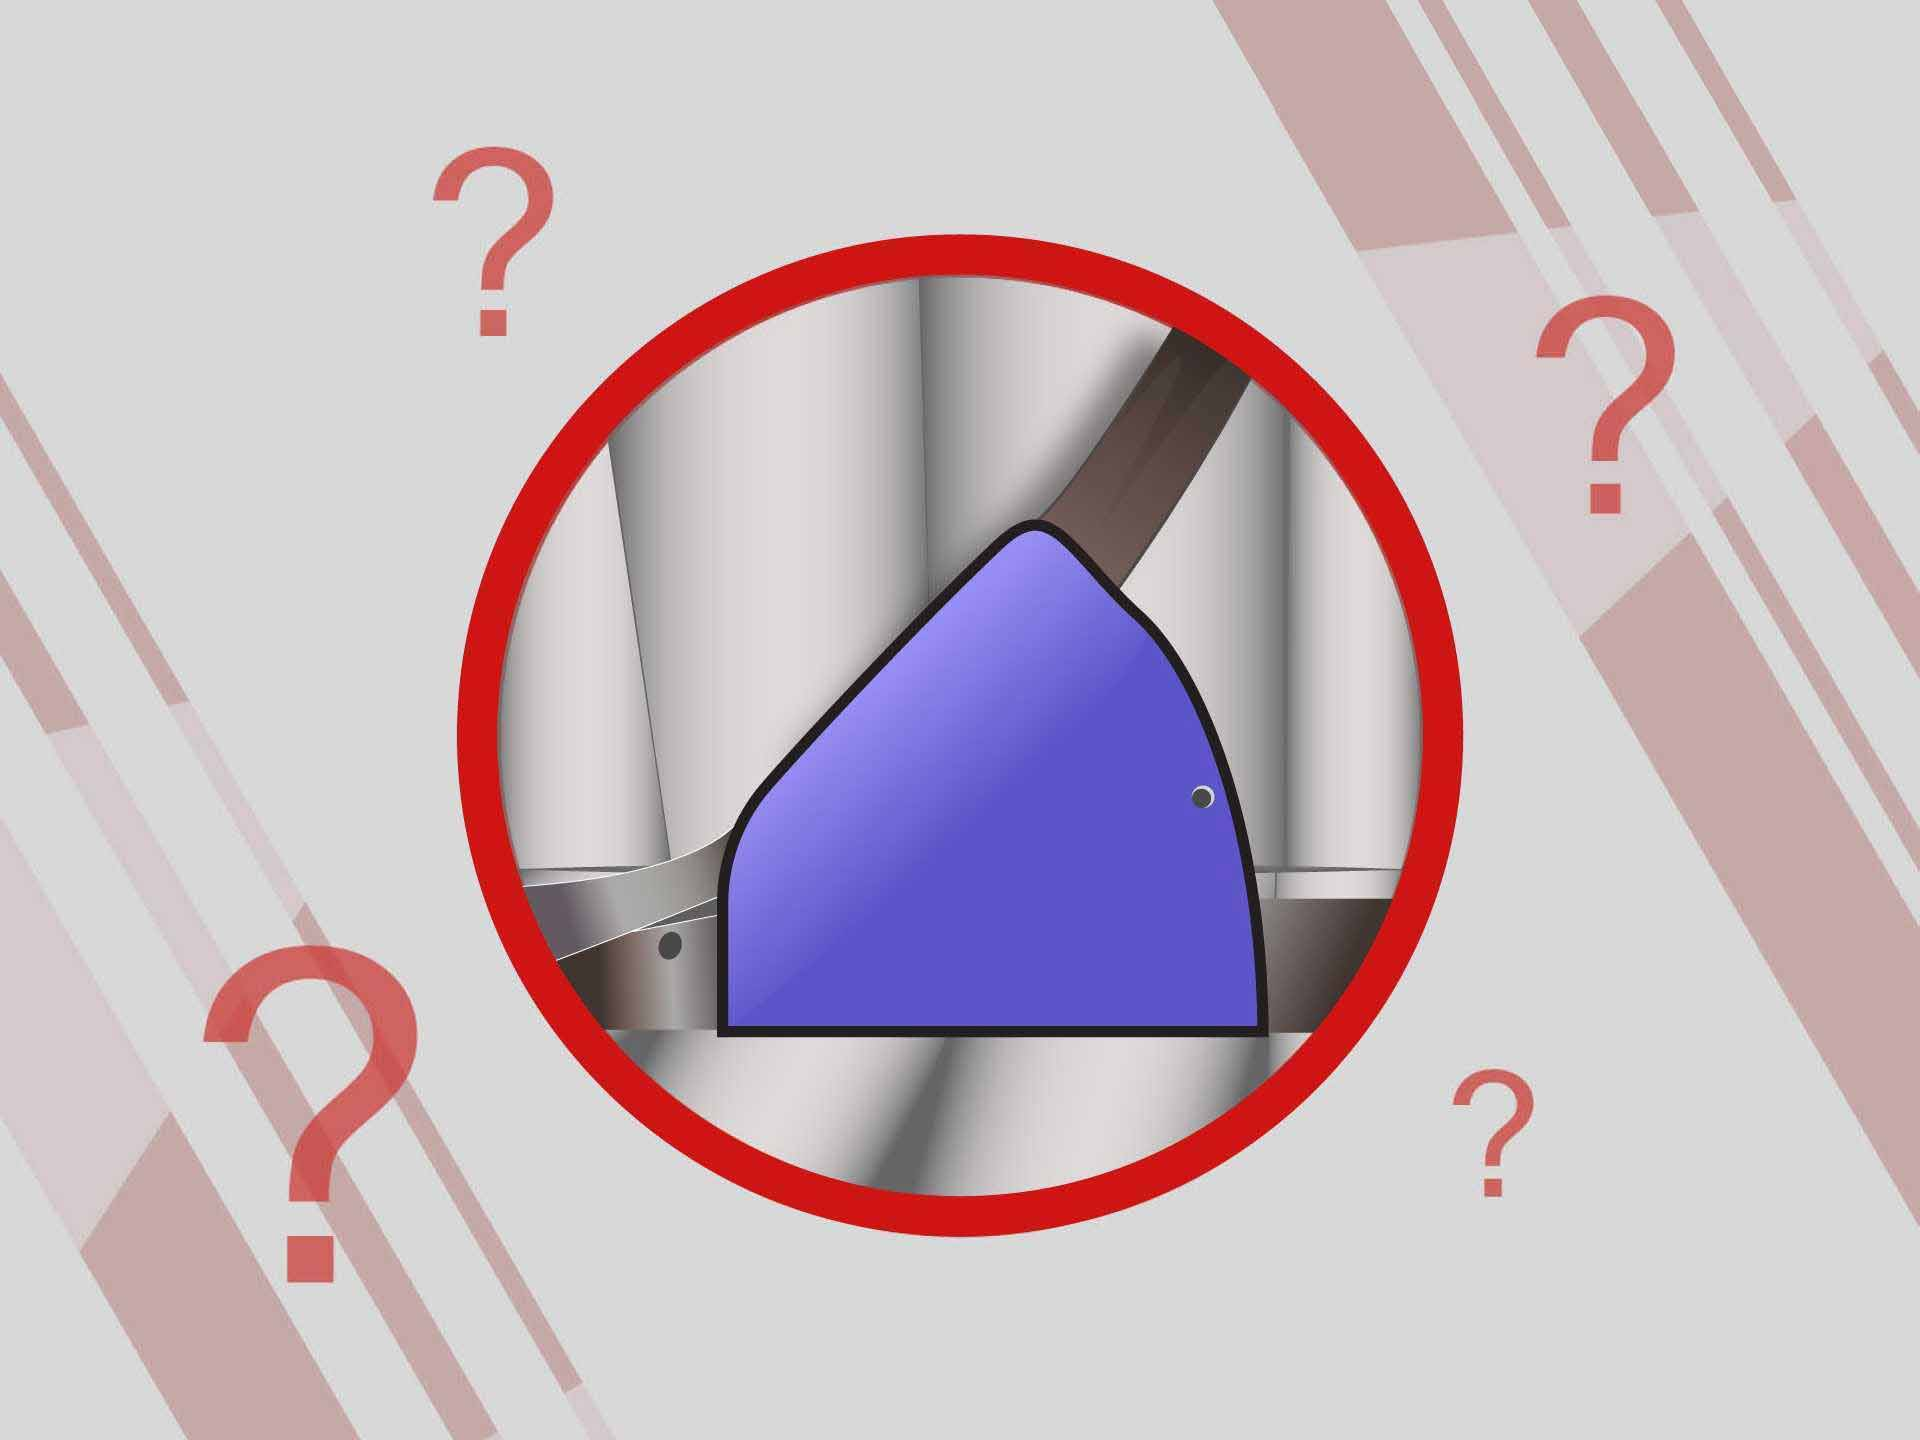 Адаптер для ремней безопасности: можно ли использовать, ответ ГИБДД